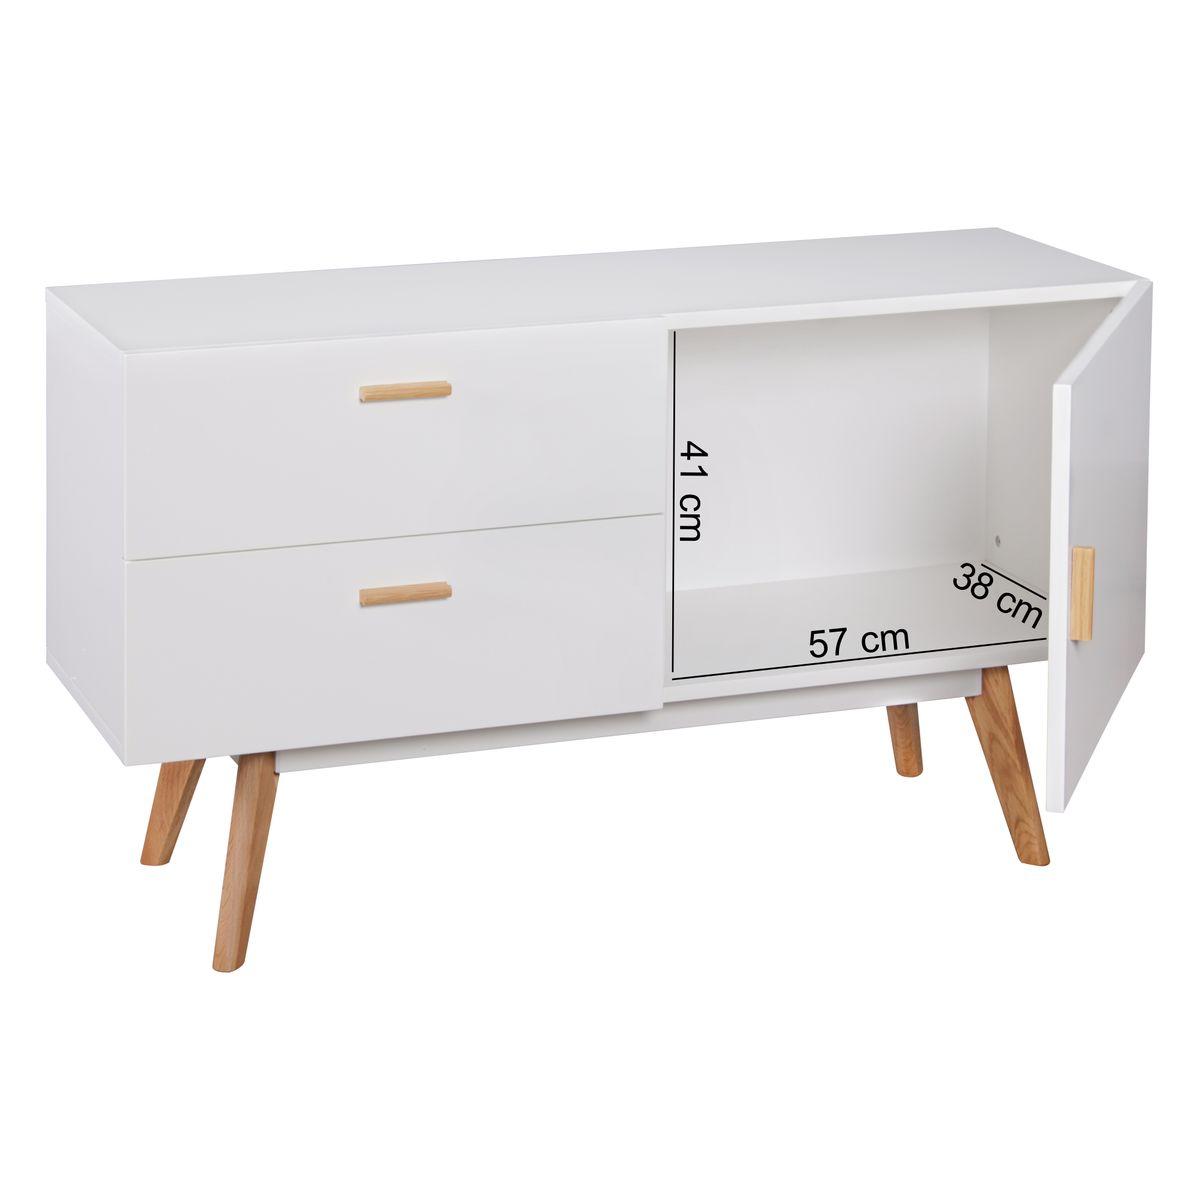 finebuy sideboard scanio matt 120 x 70 cm mit 2 schubladen. Black Bedroom Furniture Sets. Home Design Ideas